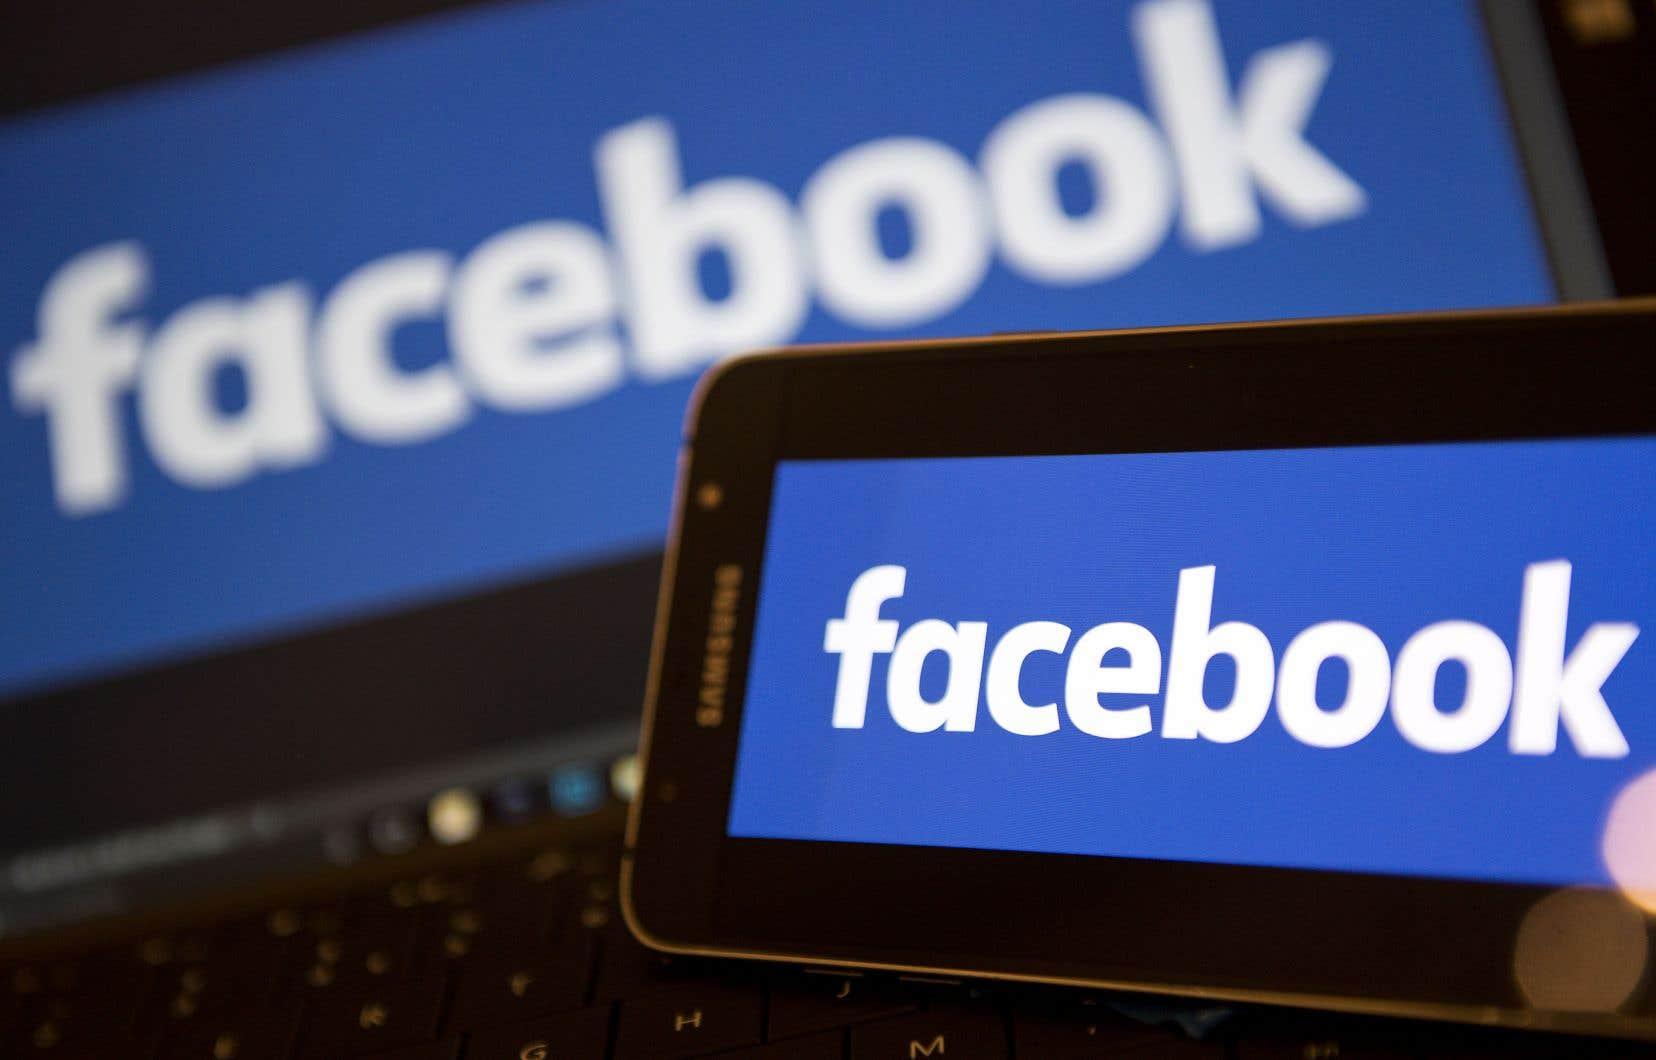 Début janvier 2017, le réseau social avait déjà lancé le «Facebook Journalism Project», afin notamment de «renforcer les liens» de la plateforme avec l'industrie des médias.